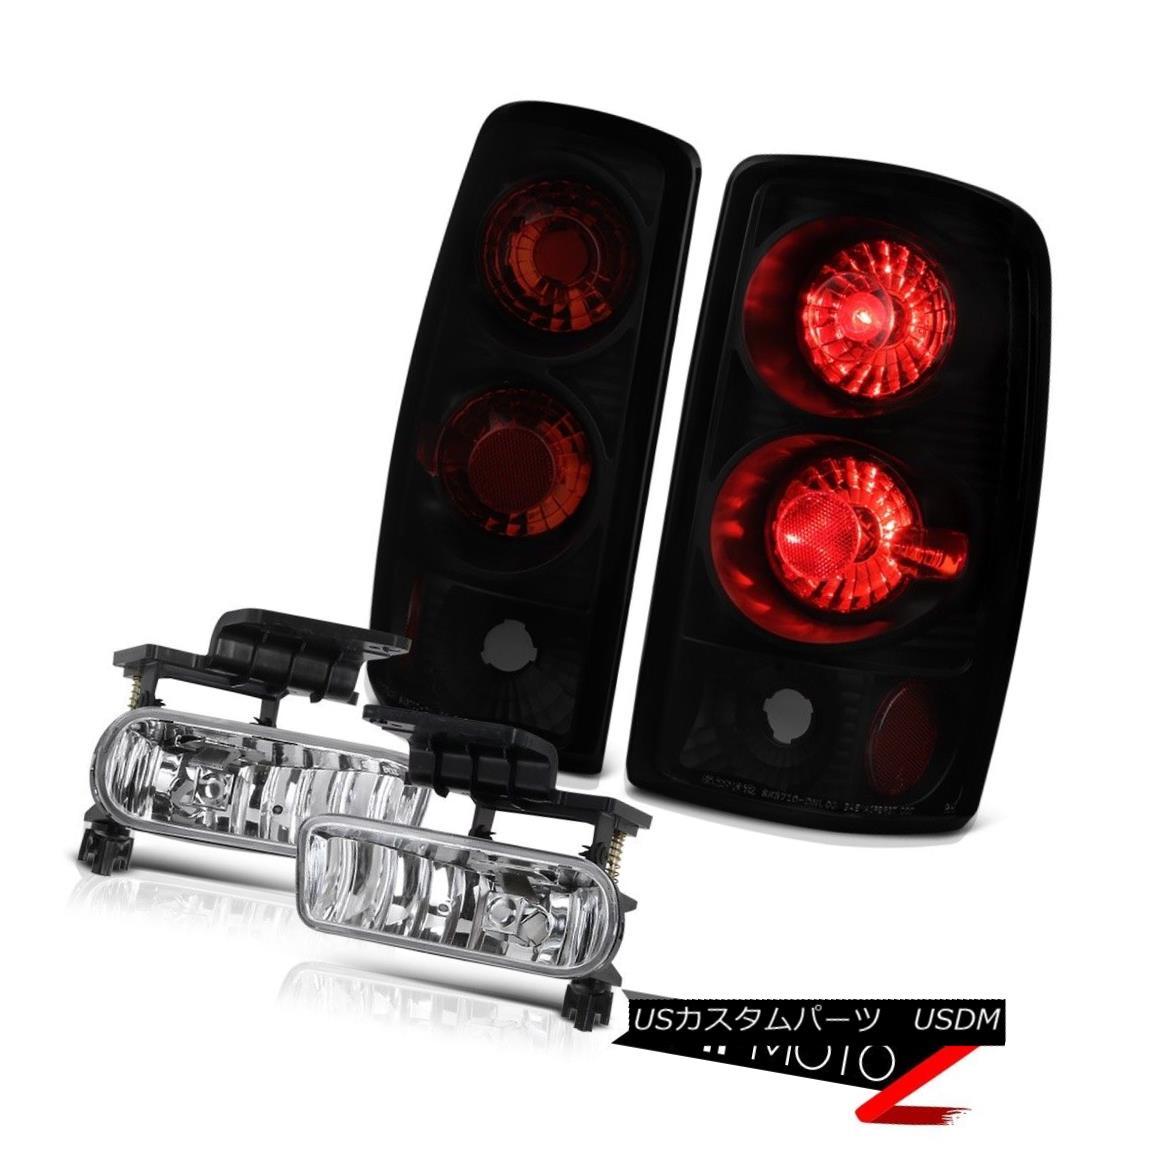 テールライト 2000-2006 Suburban 2500 Black Smoke Replacement Tail Lights Driving Fog Lamp L+R 2000-2006郊外2500ブラックスモーク交換テールライトドライフォグランプL + R